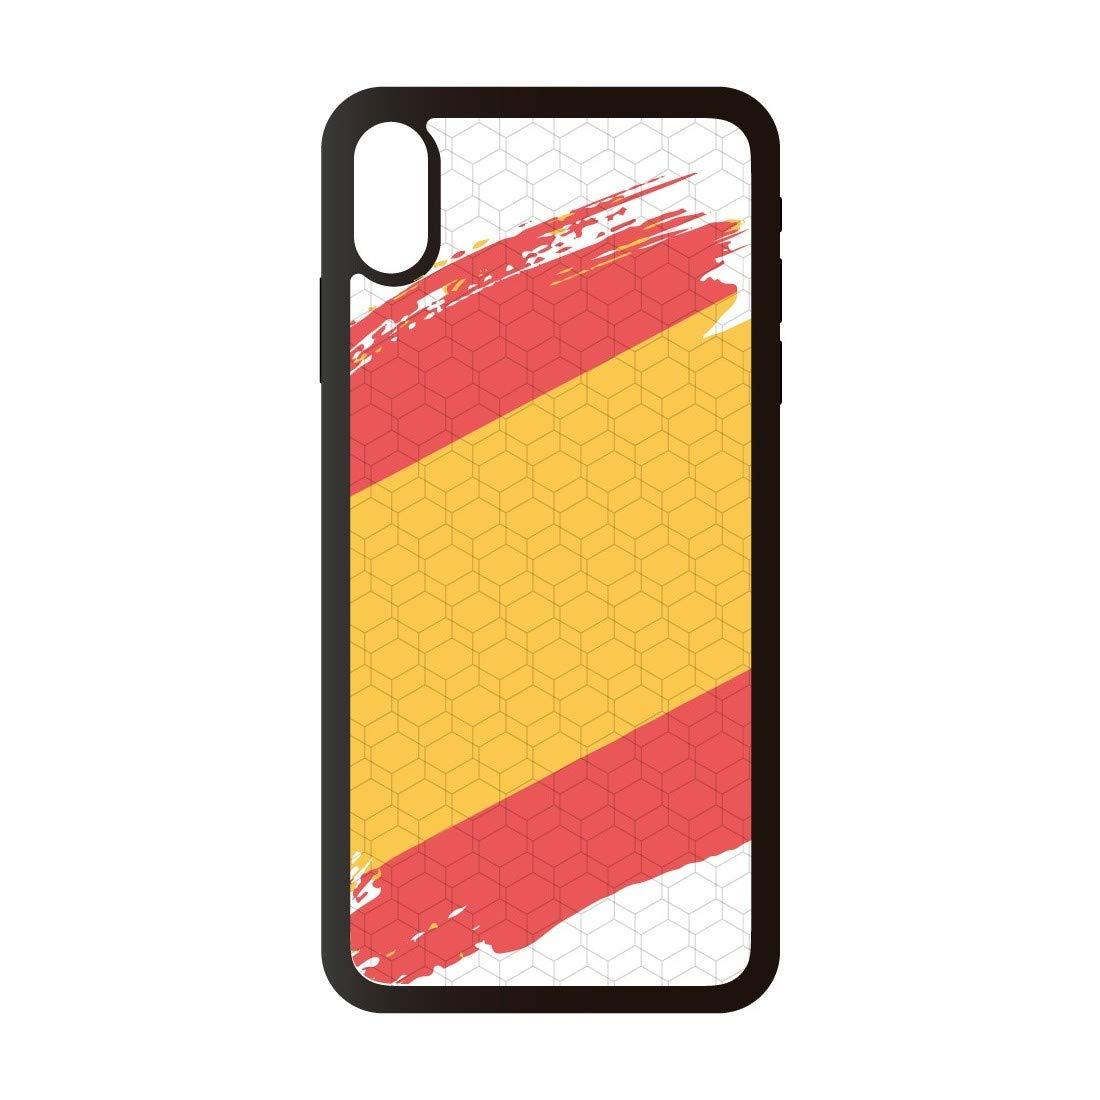 PHONECASES3D Funda móvil Compatible con iPhone XS MAX España Bandera. Carcasa de TPU de Alta protección. Funda Antideslizante, Anti choques y caídas.: Amazon.es: Electrónica